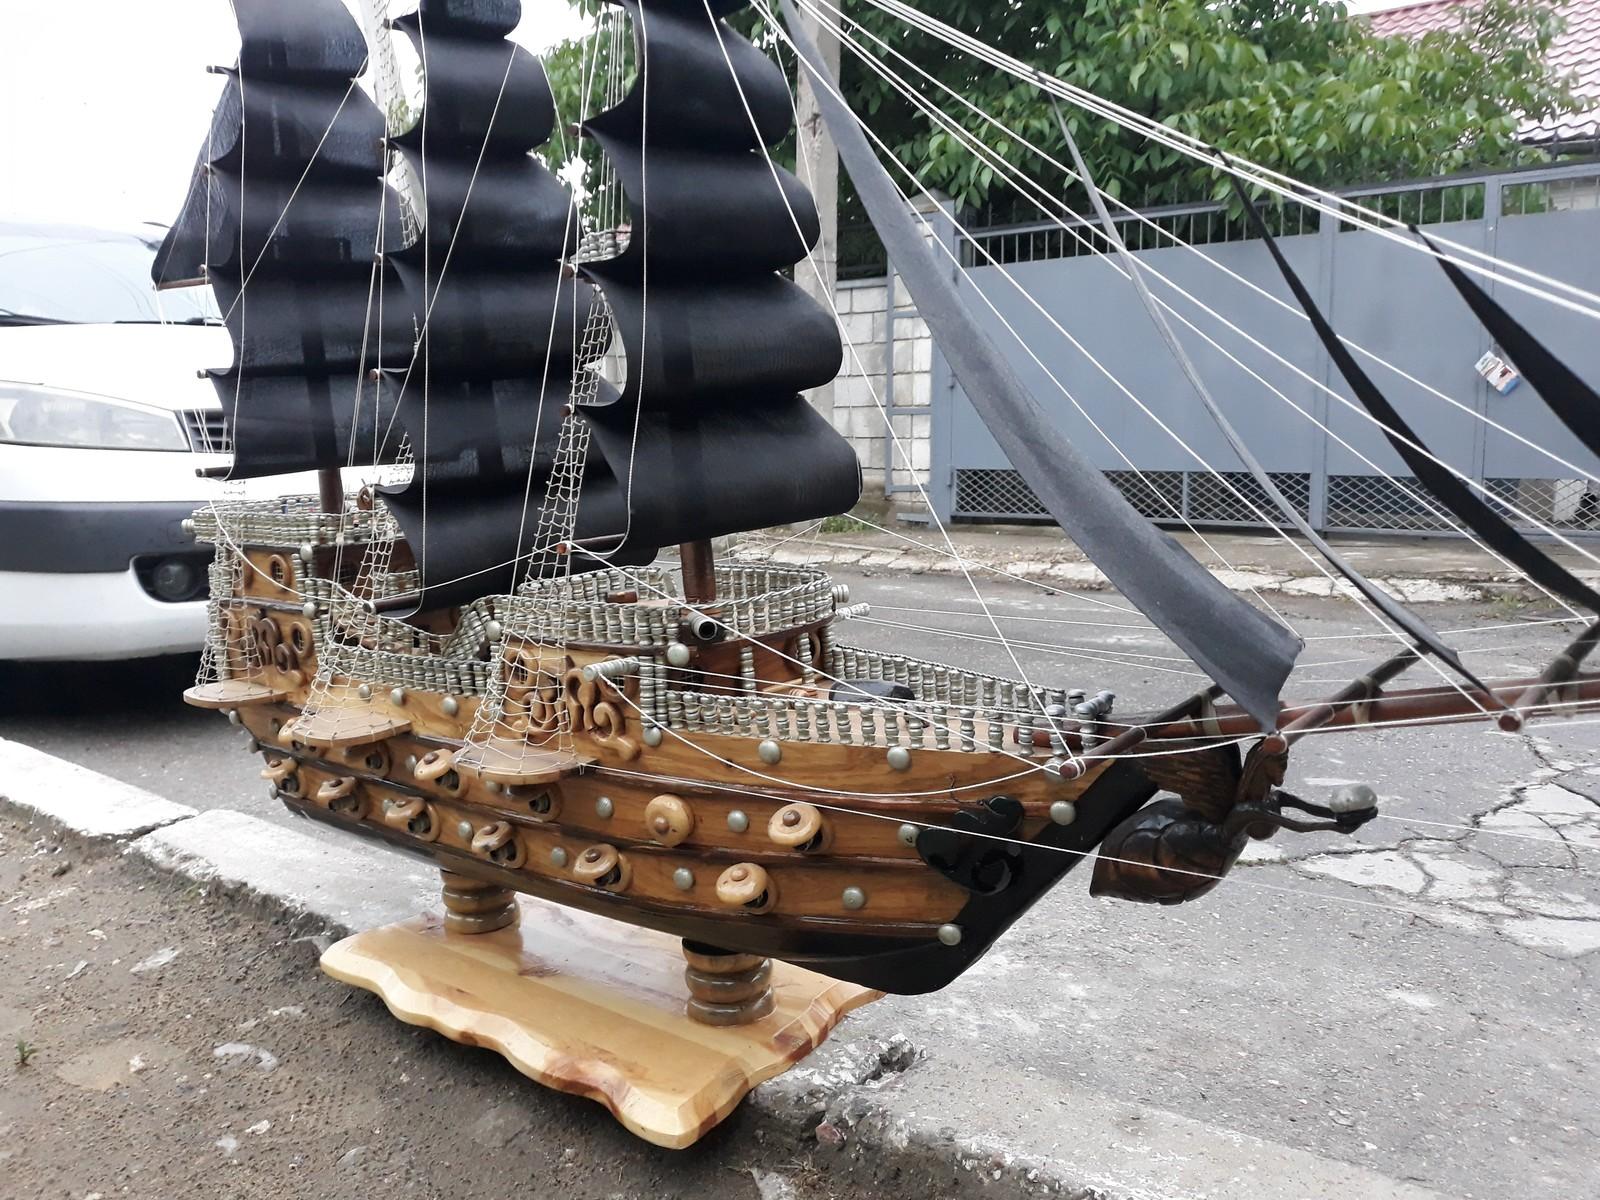 Обои лодка, бутылка, судно, настроения, Вода, корабль. Настроения foto 16